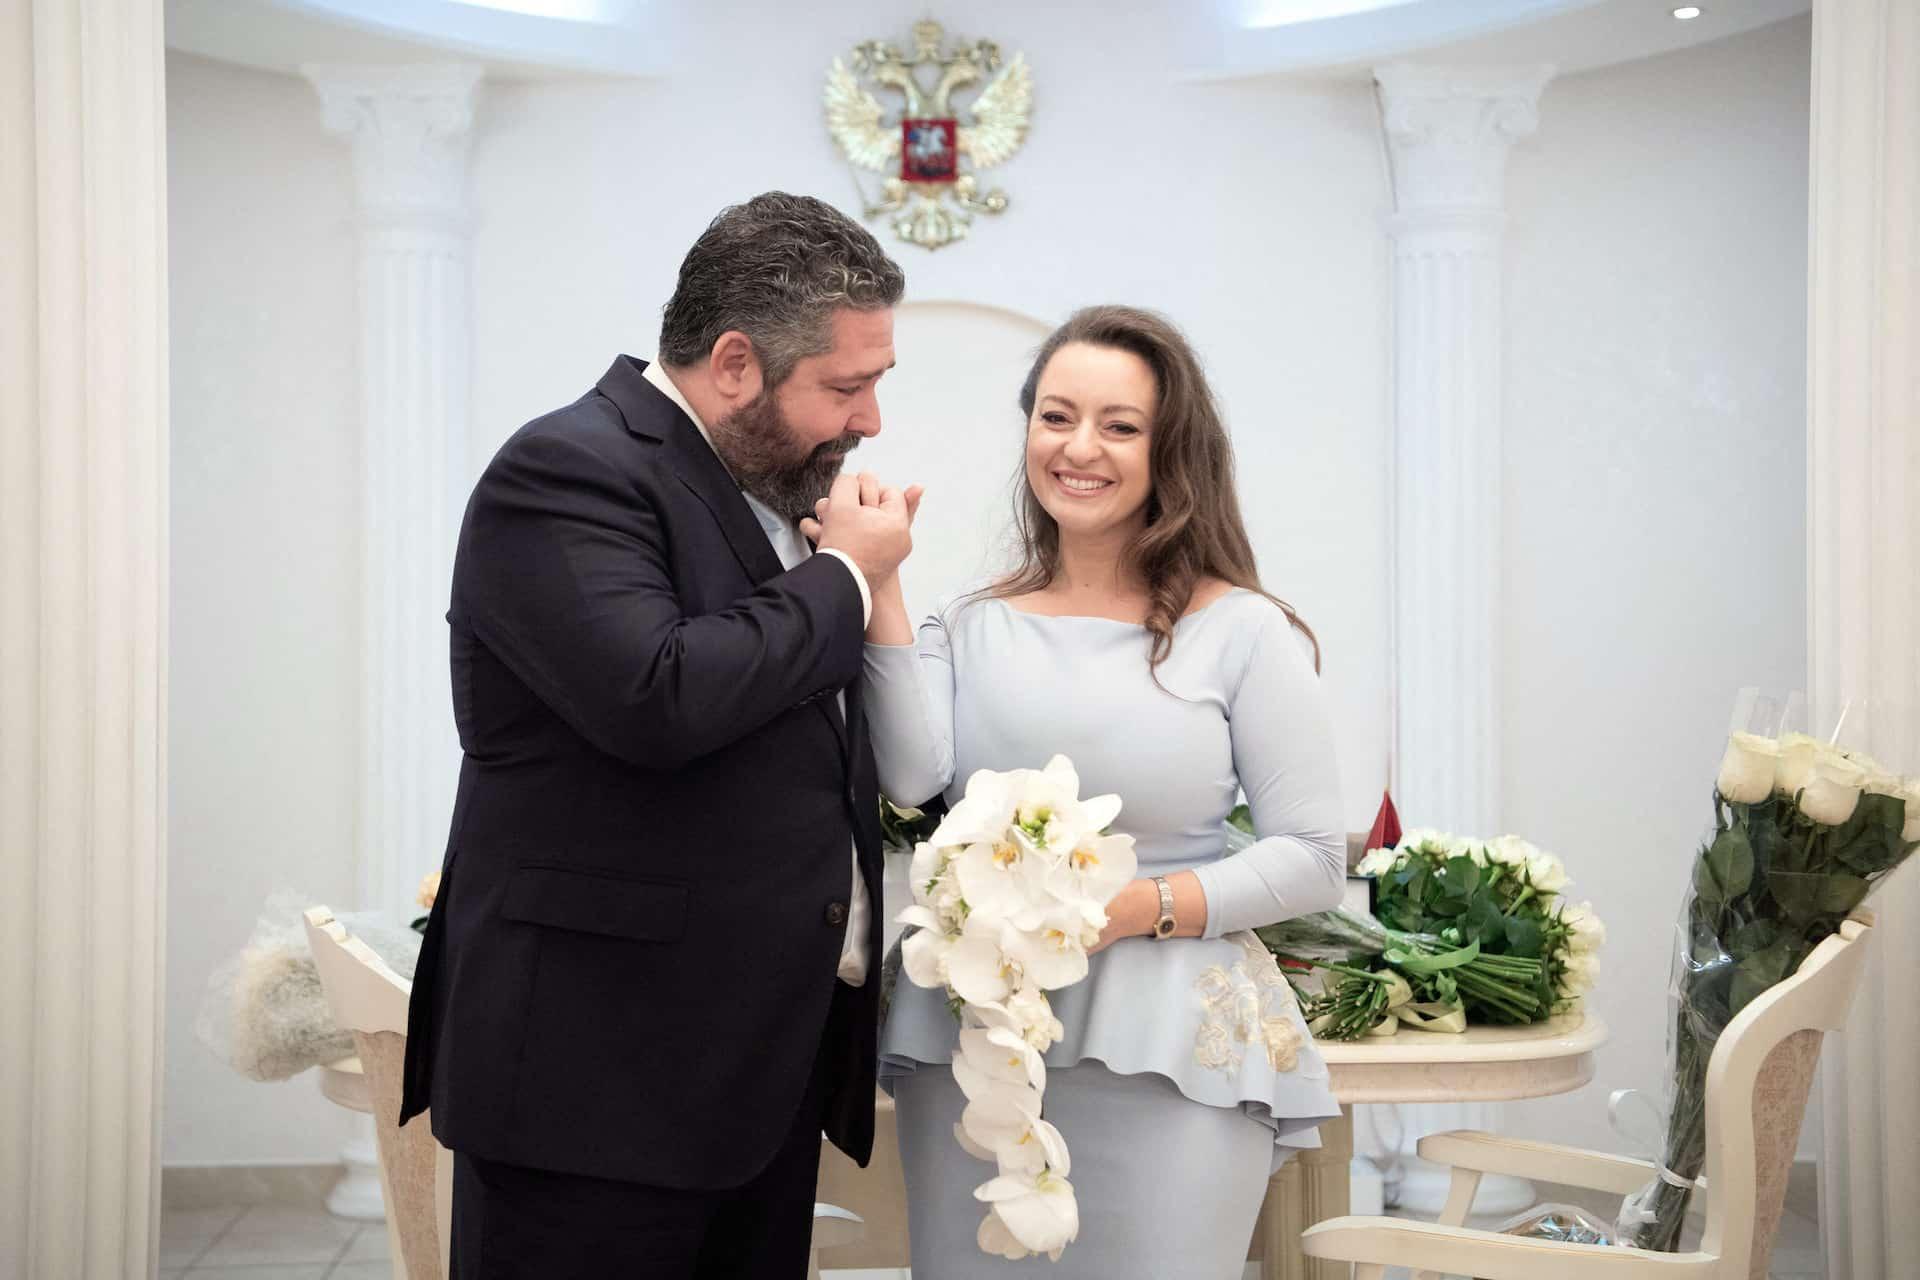 Großfürst Georgi Michailowitsch Romanow heiratet seine Victoria